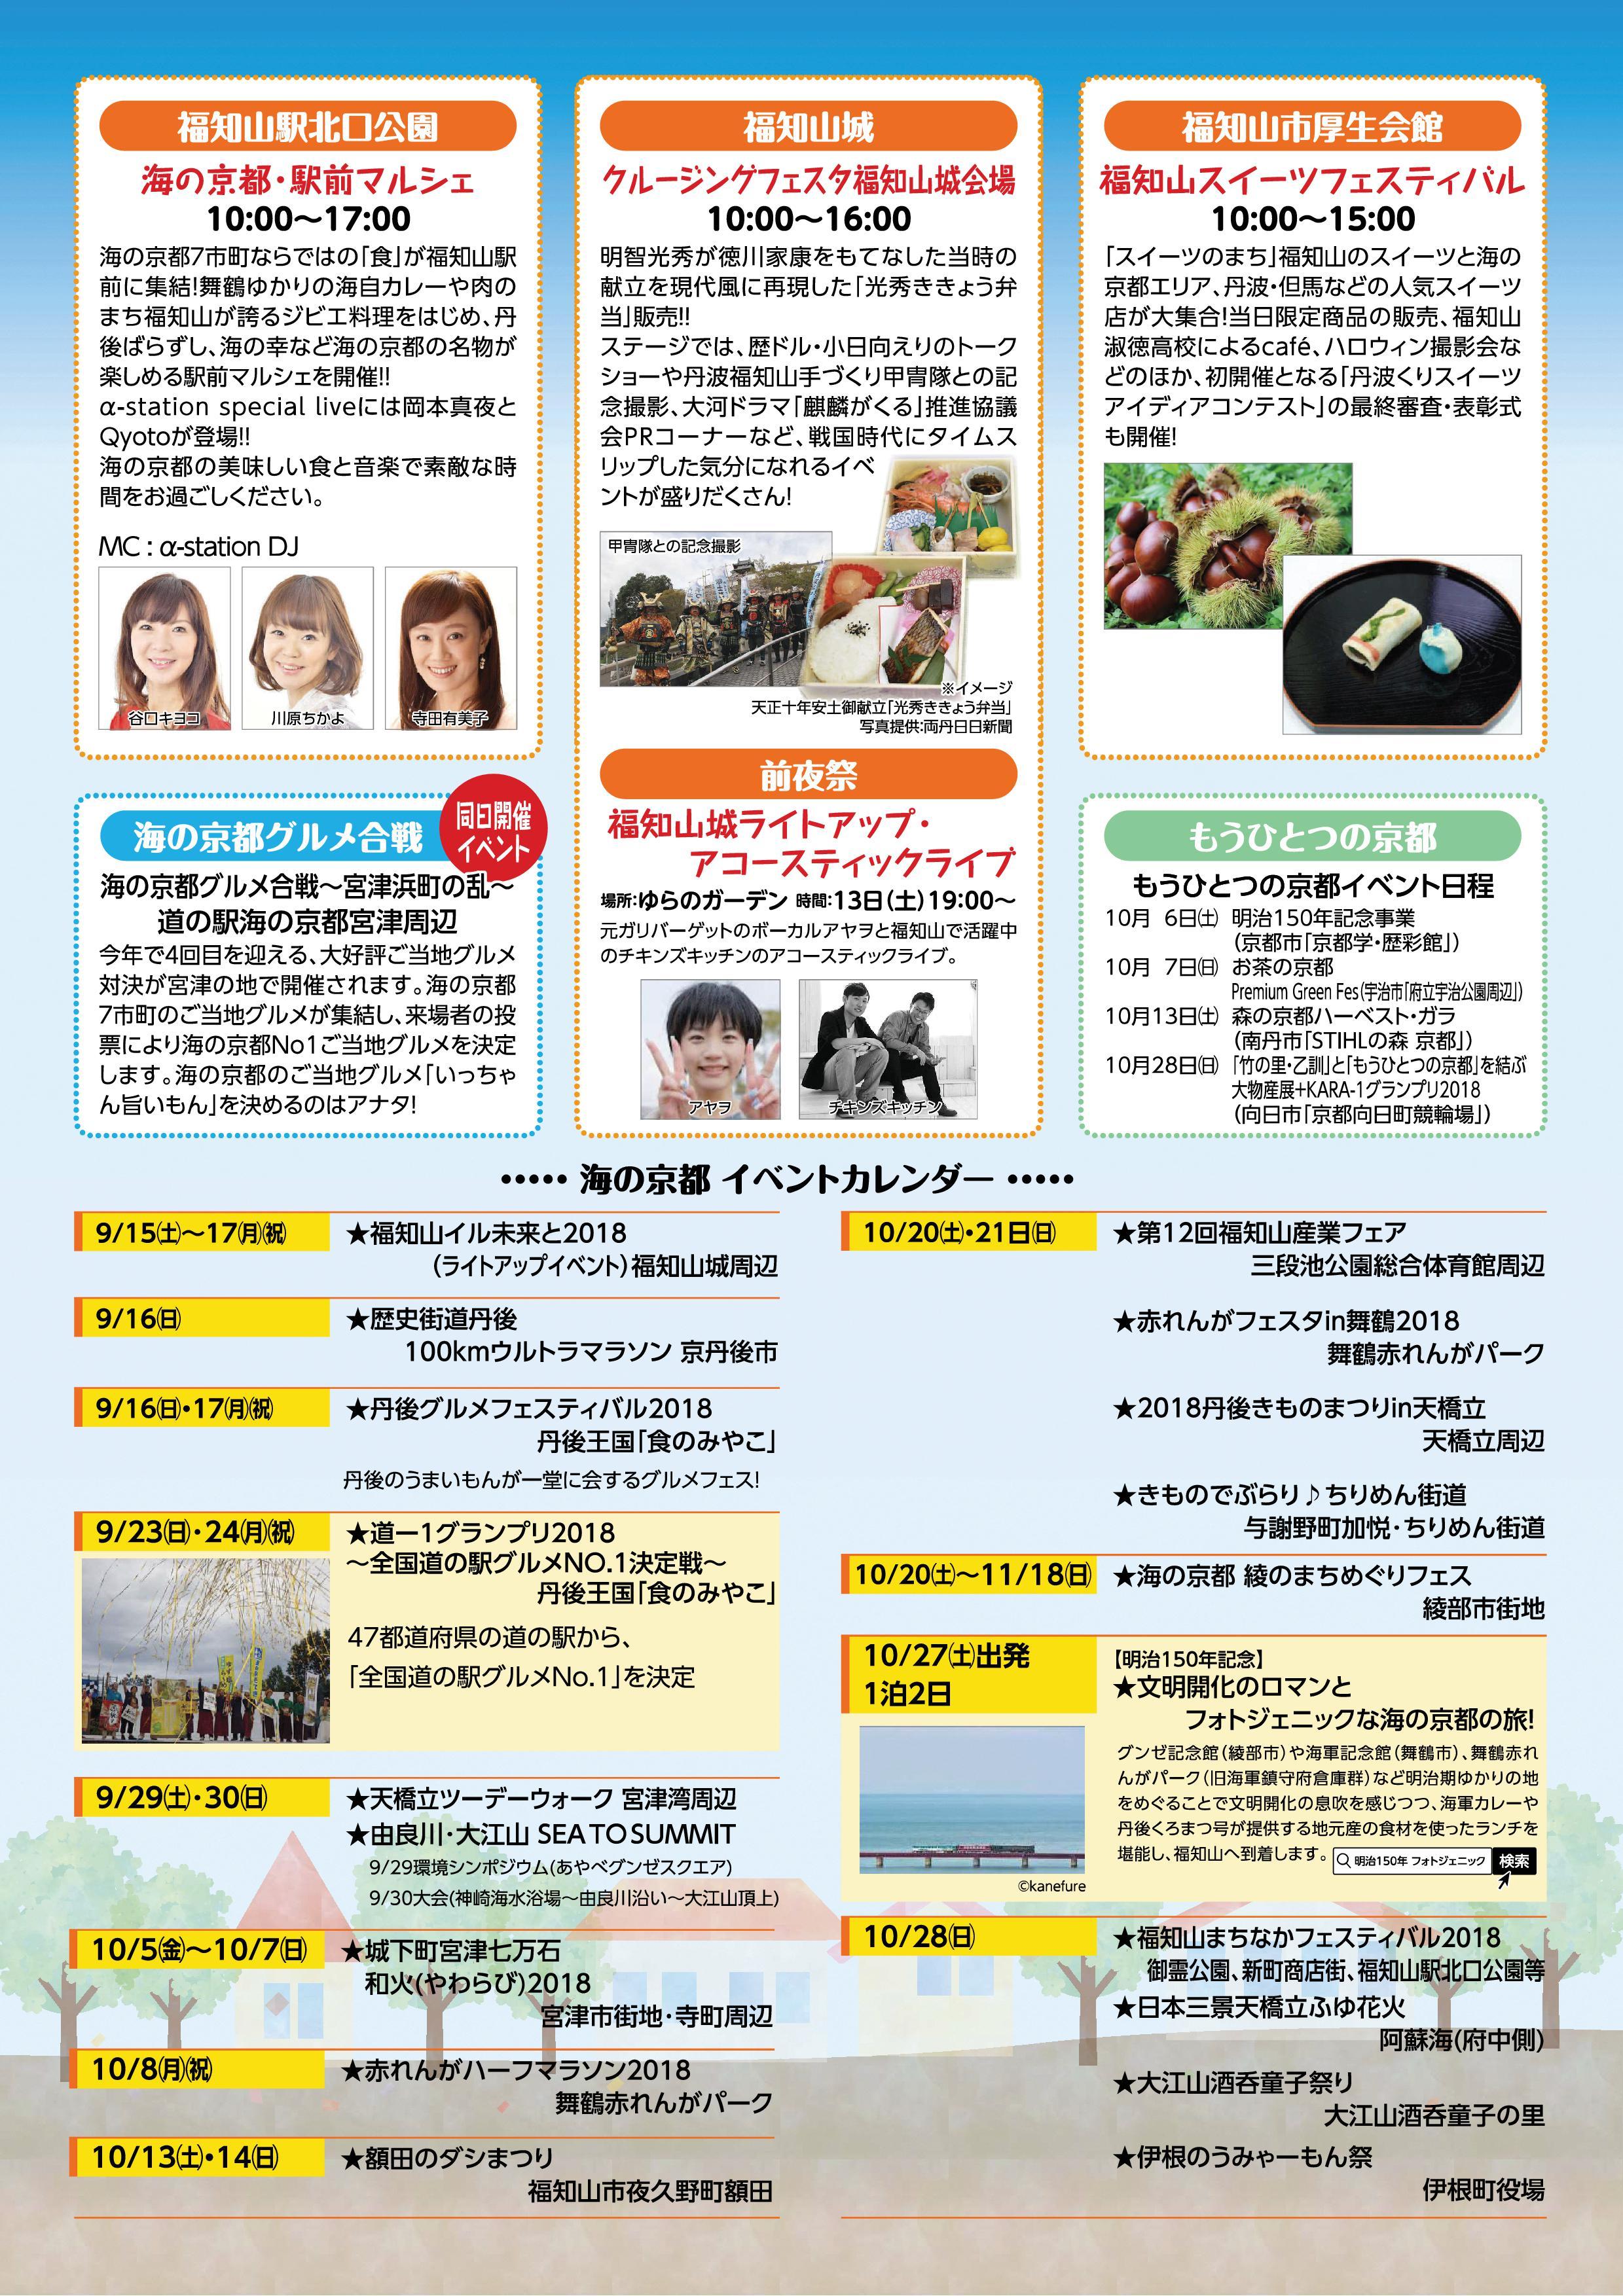 fukuchiyama_ura.jpg